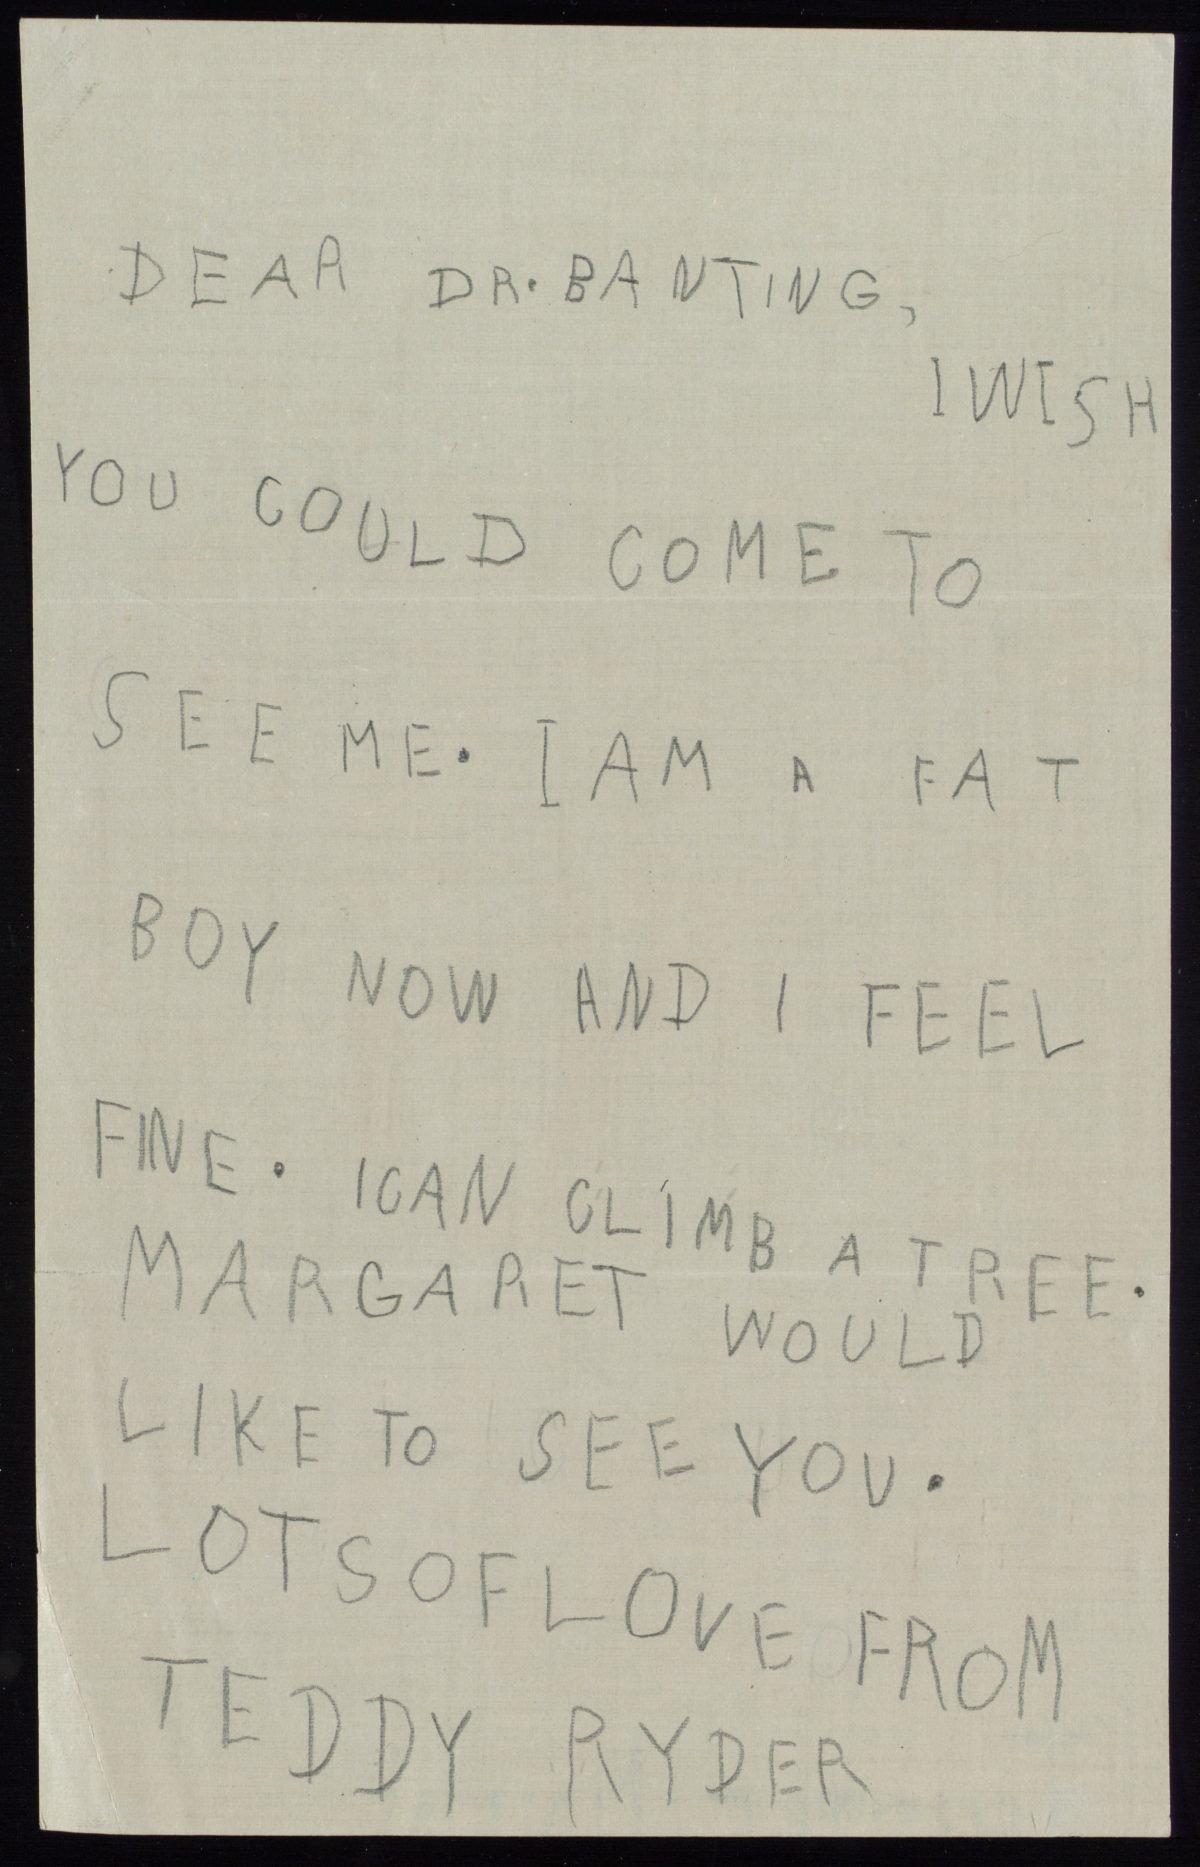 Carta al Dr. Banting, aprox 1923